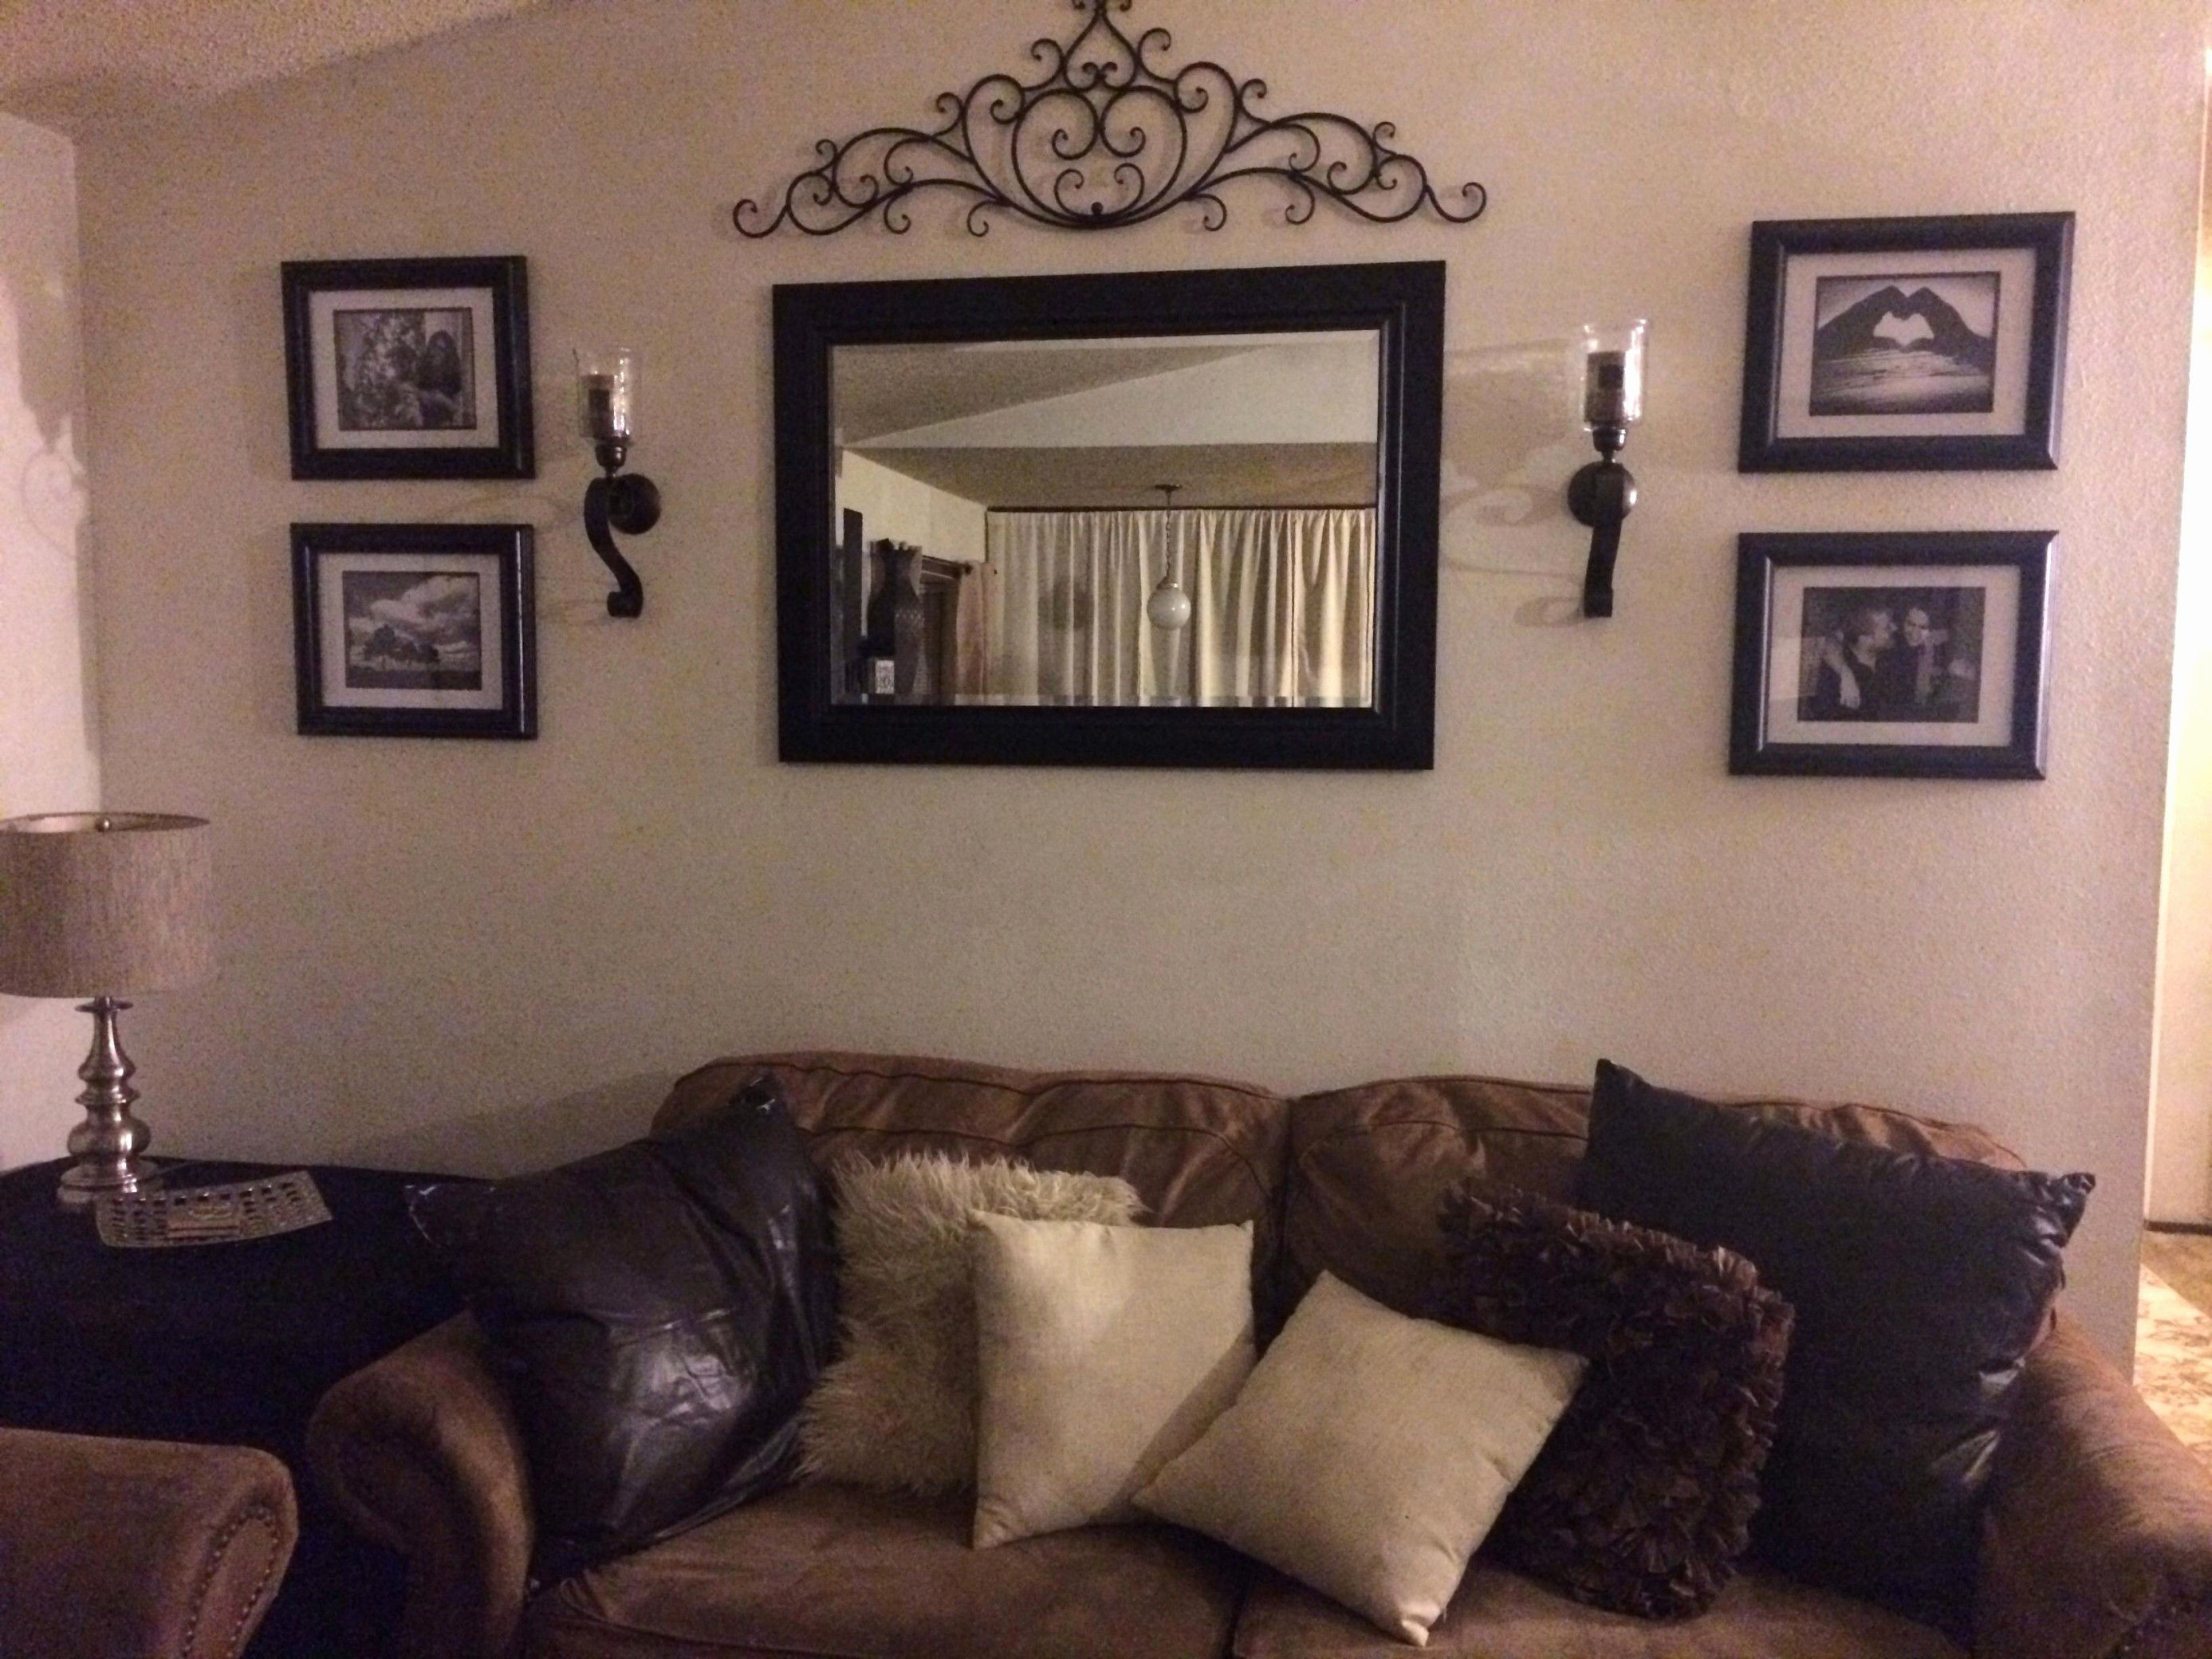 30 Best DIY Home Accents Pretty Wall Decor Mirror In 39 Elegant Diy